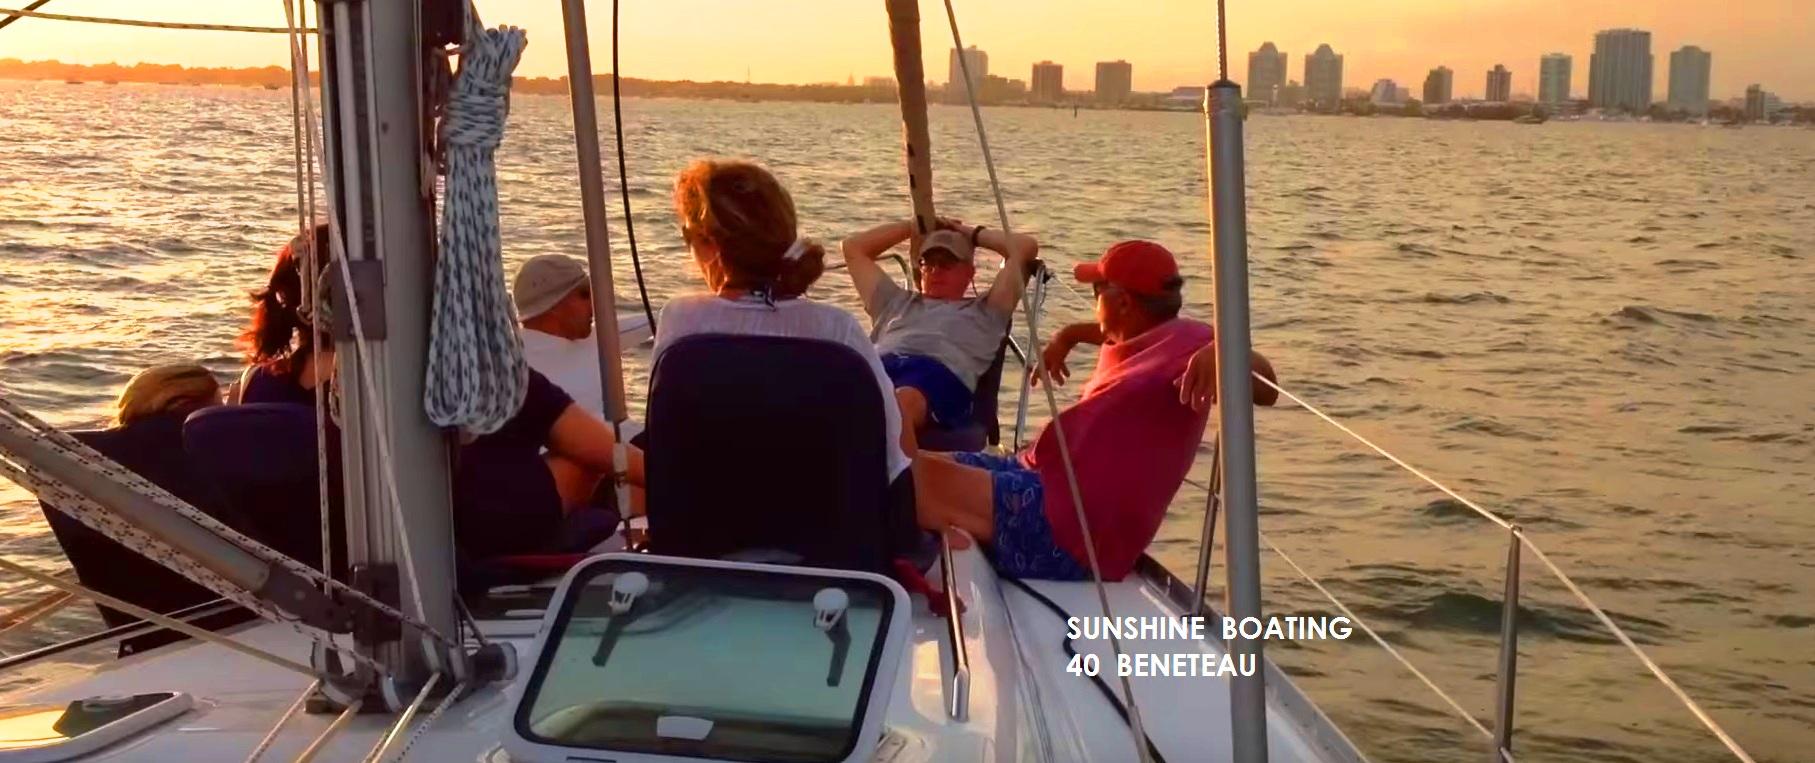 sunshine-boating-40-beneteau-c